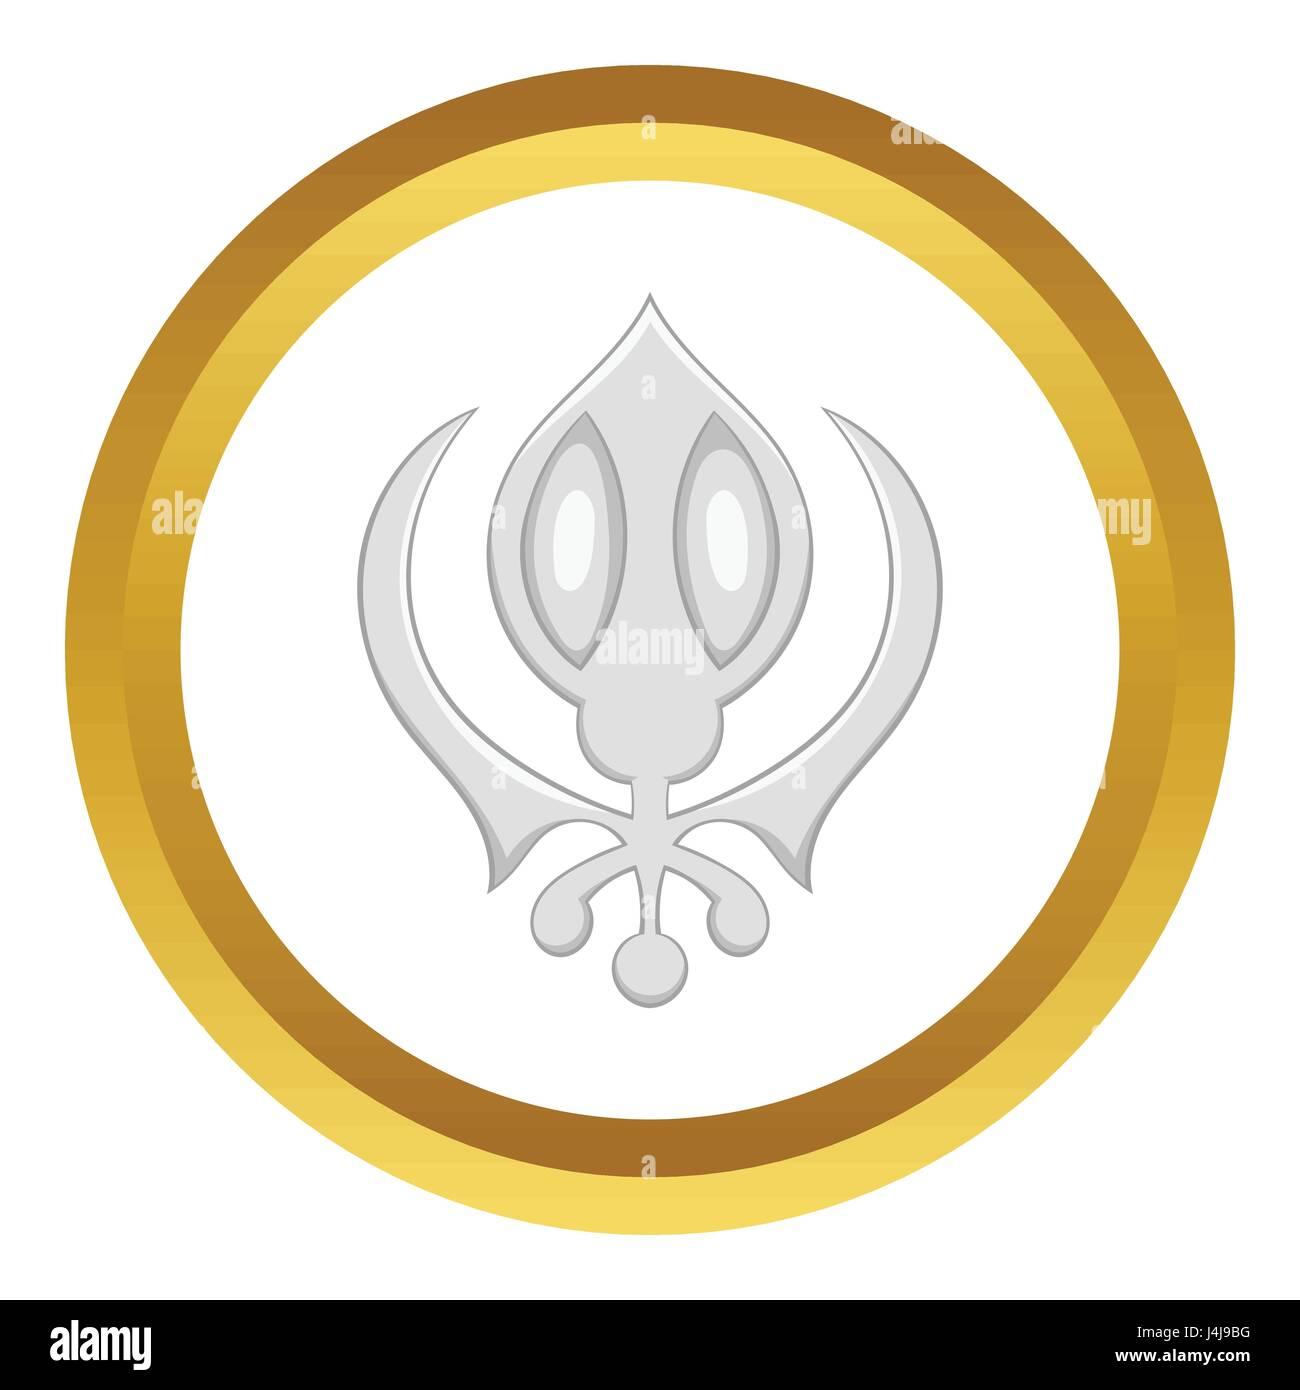 Sikhism Symbol Stock Photos Sikhism Symbol Stock Images Alamy